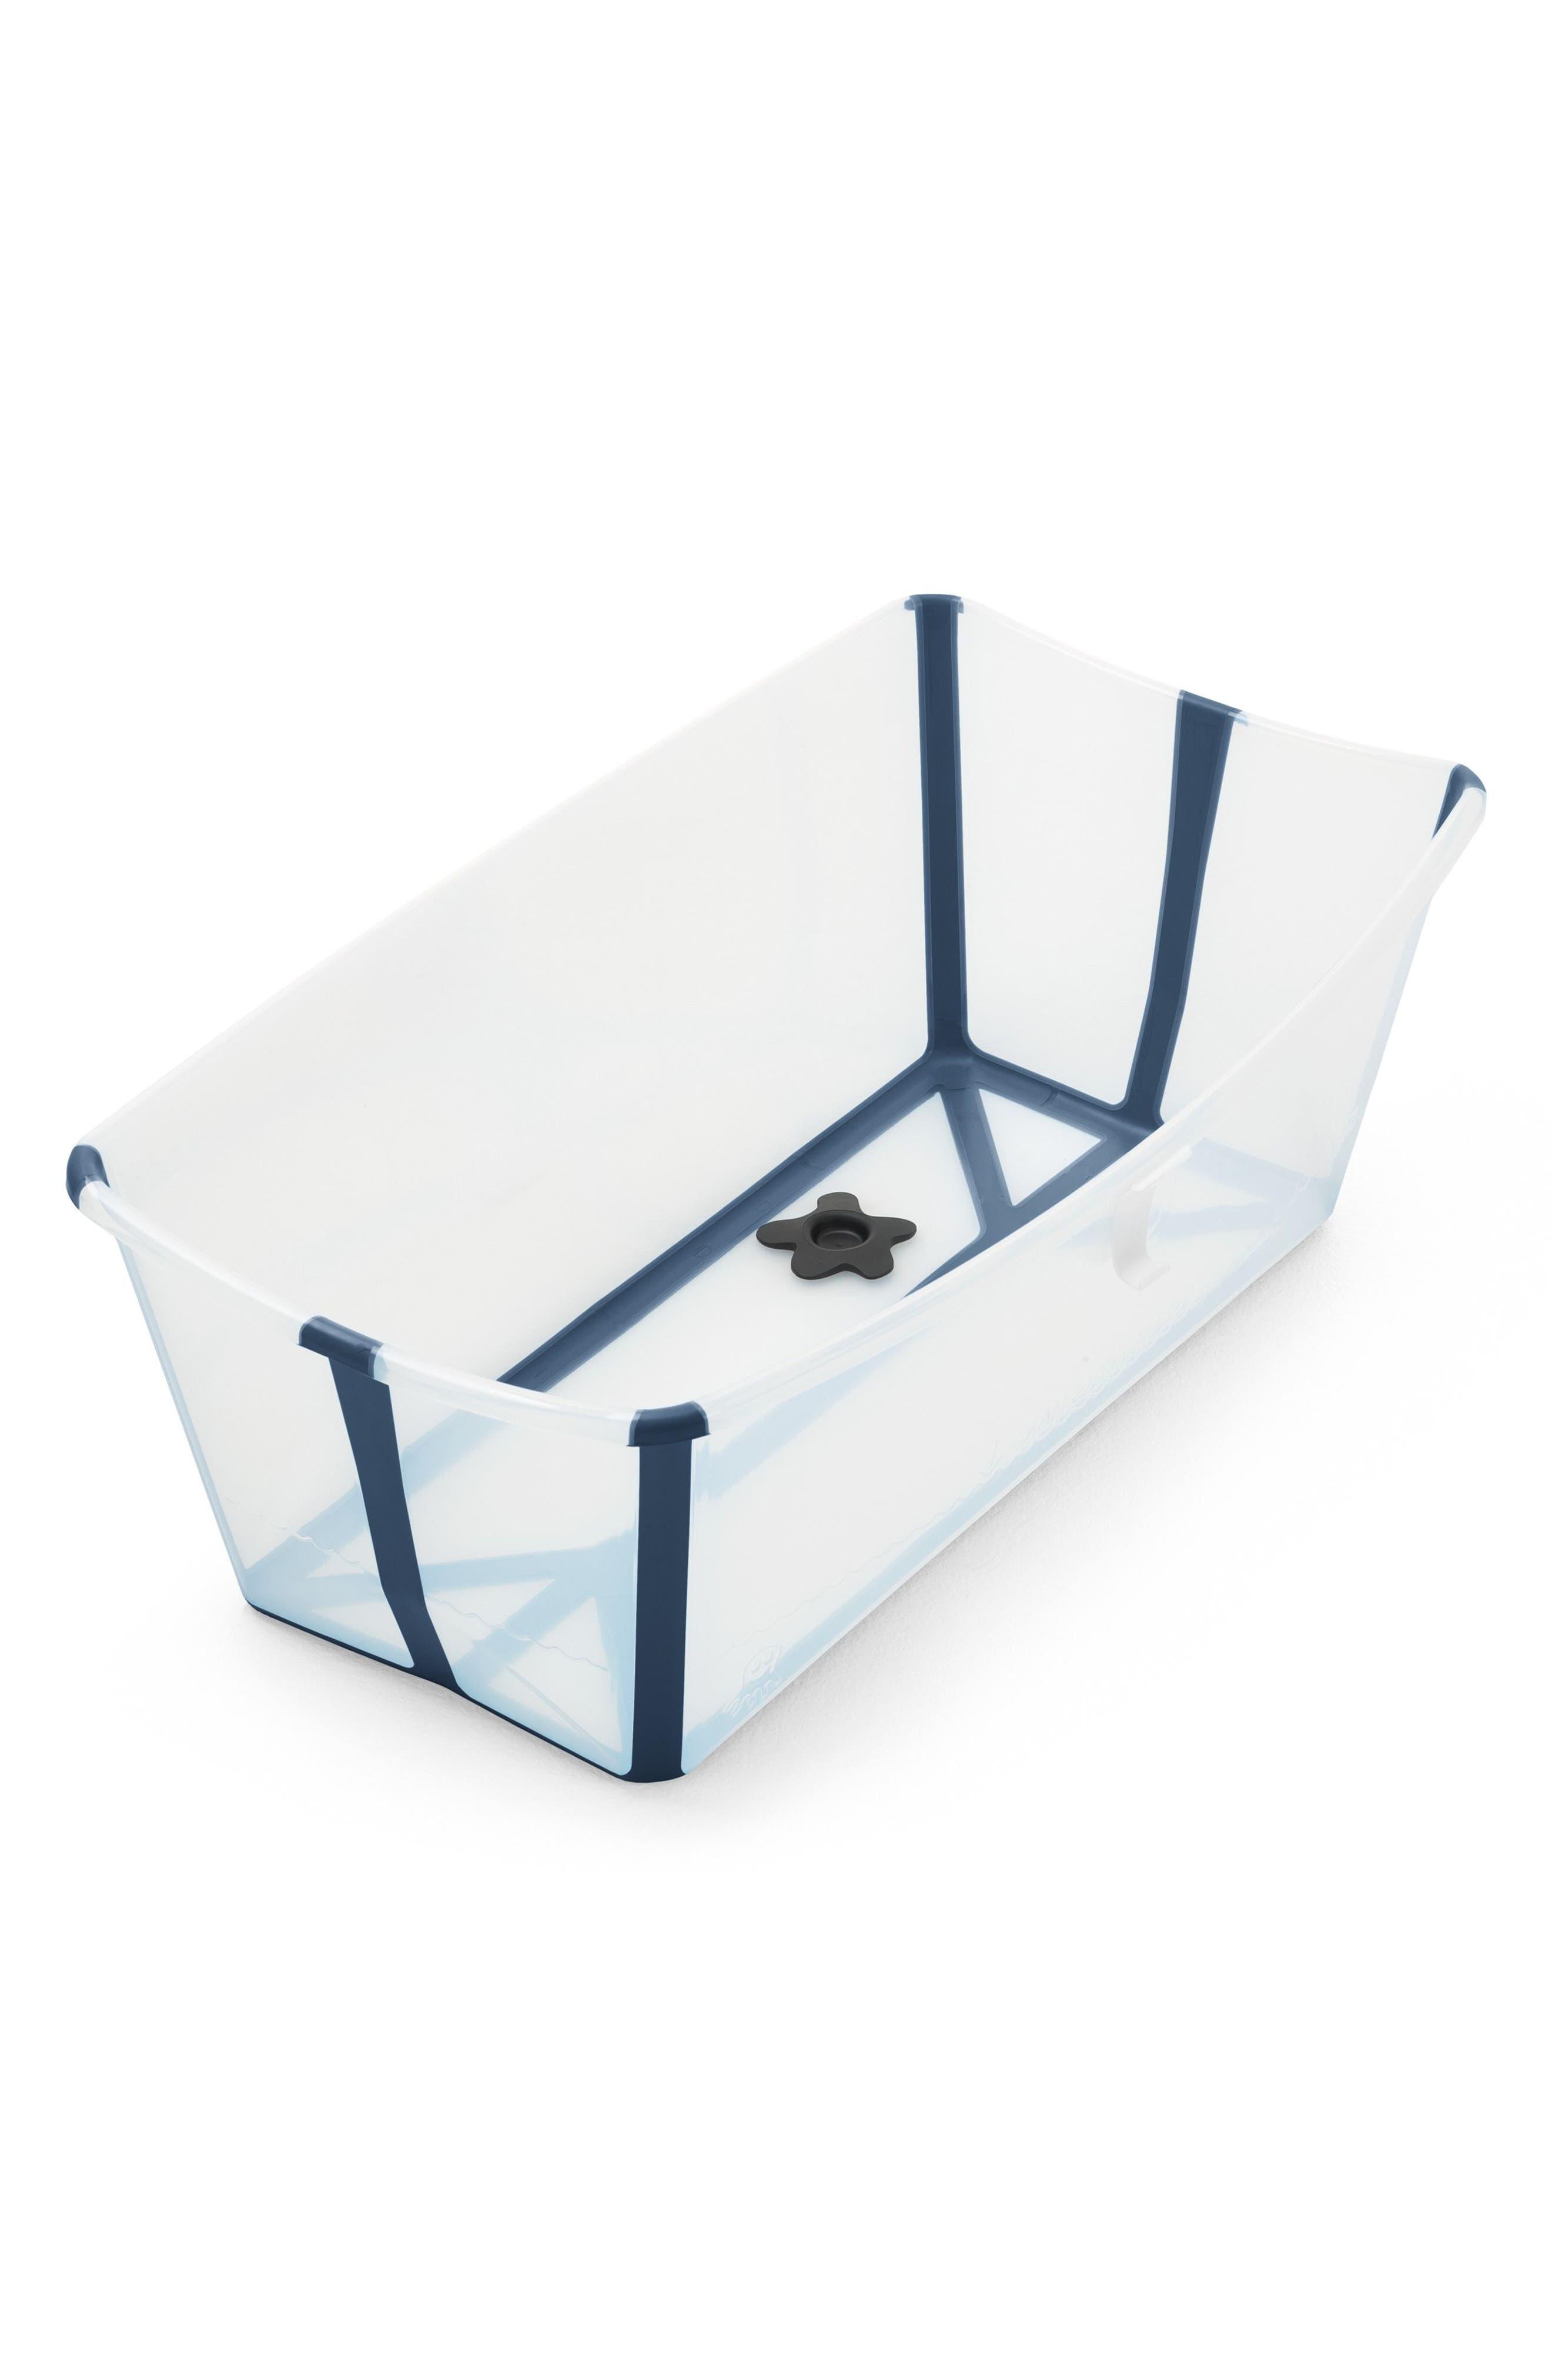 'Flexi Bath<sup>®</sup>' Foldable Baby Bathtub,                             Main thumbnail 1, color,                             TRANSPARENT BLUE